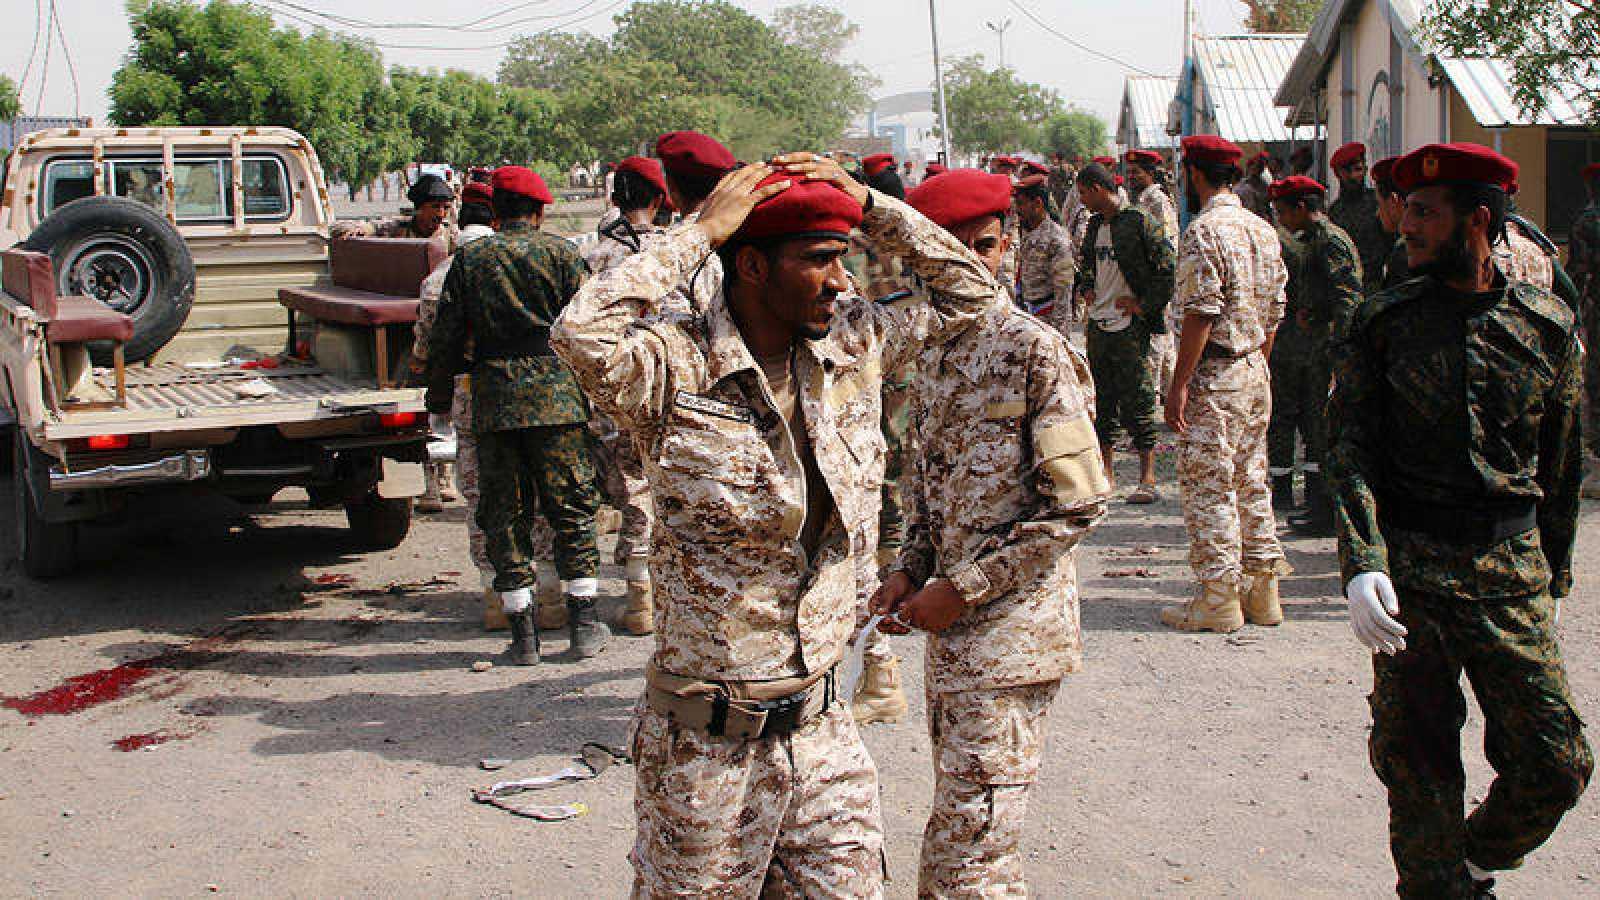 El desfile militar en el puerto de Adén, en Yemen